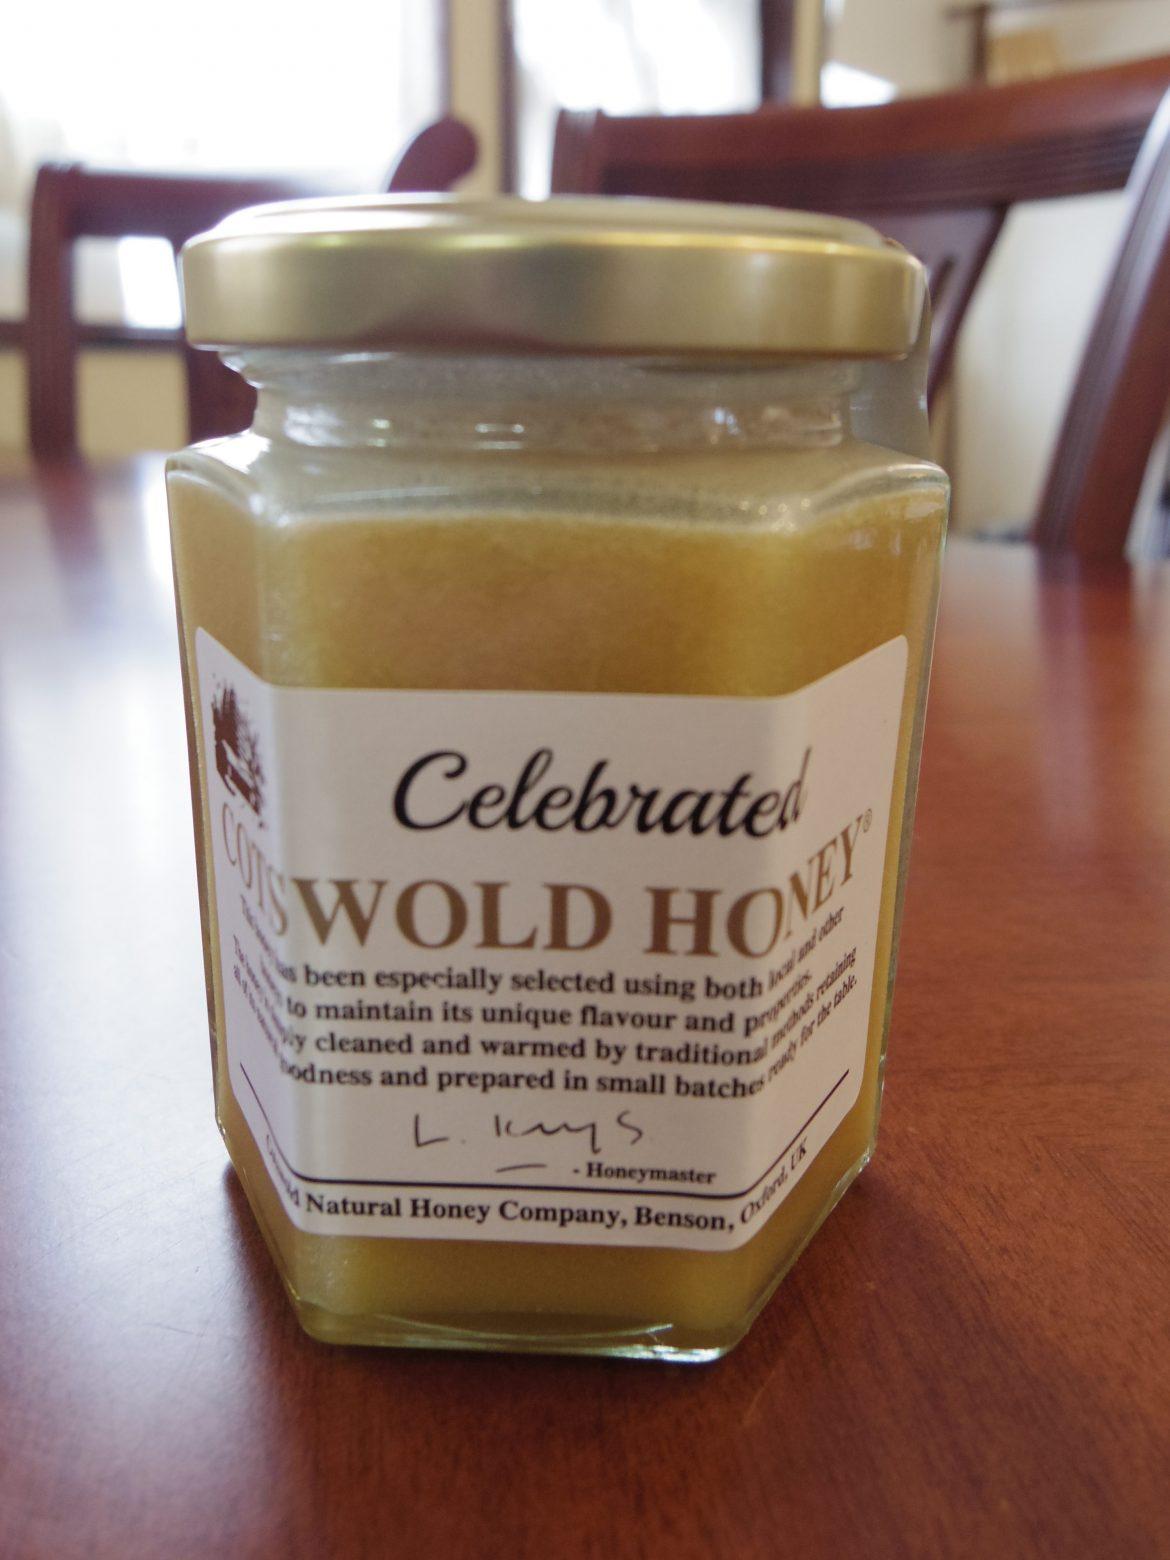 人気のコッツウォルドハニーに「結晶状」の蜂蜜が加わりました